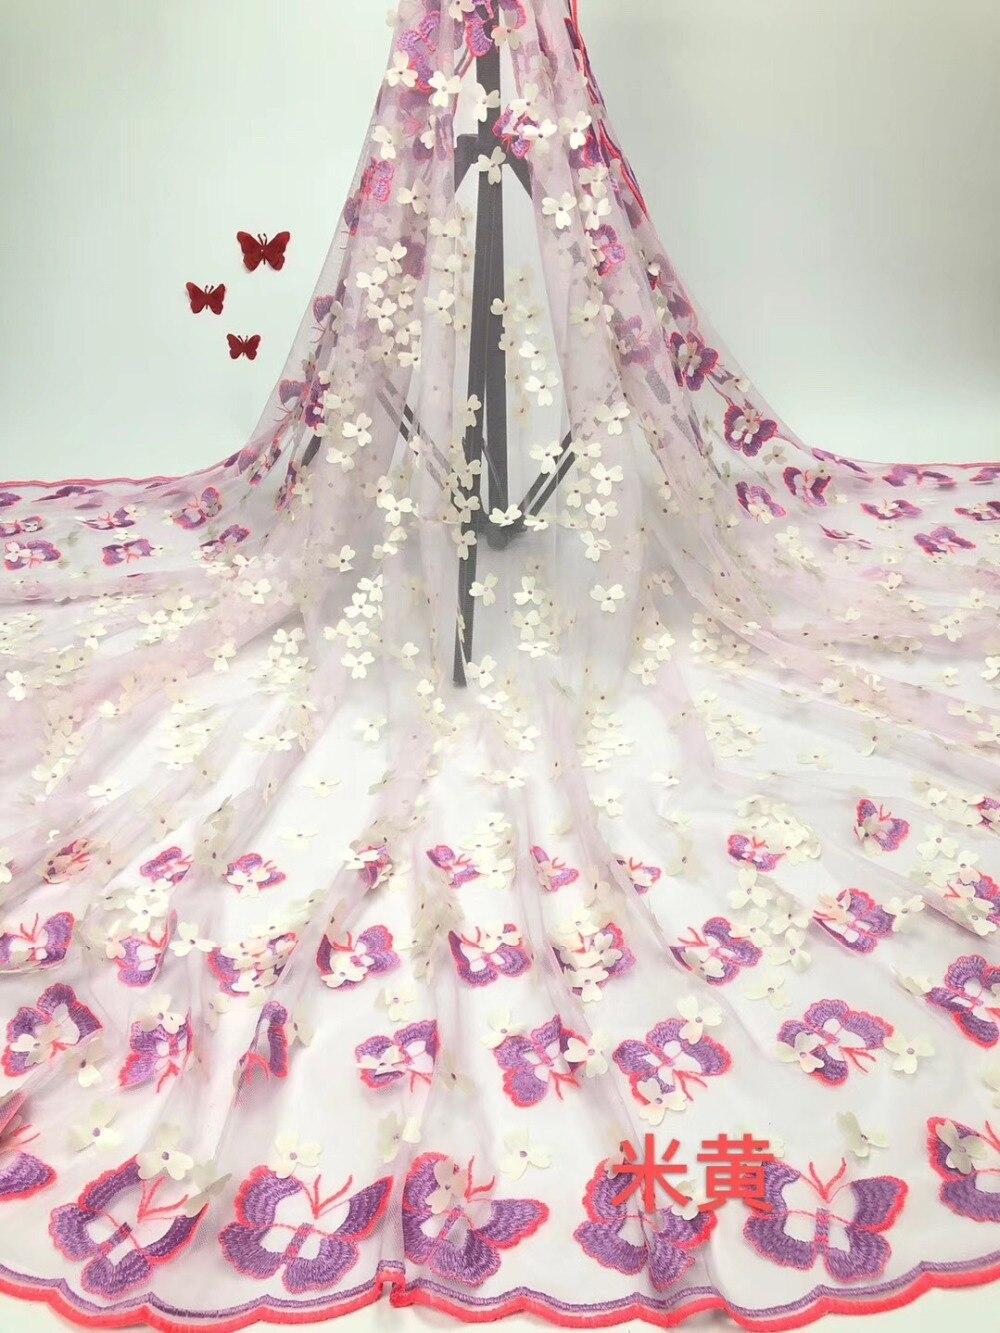 Nouveauté tissu de dentelle française de mariée/beau tissu de dentelle africaine pour les robes de mariée